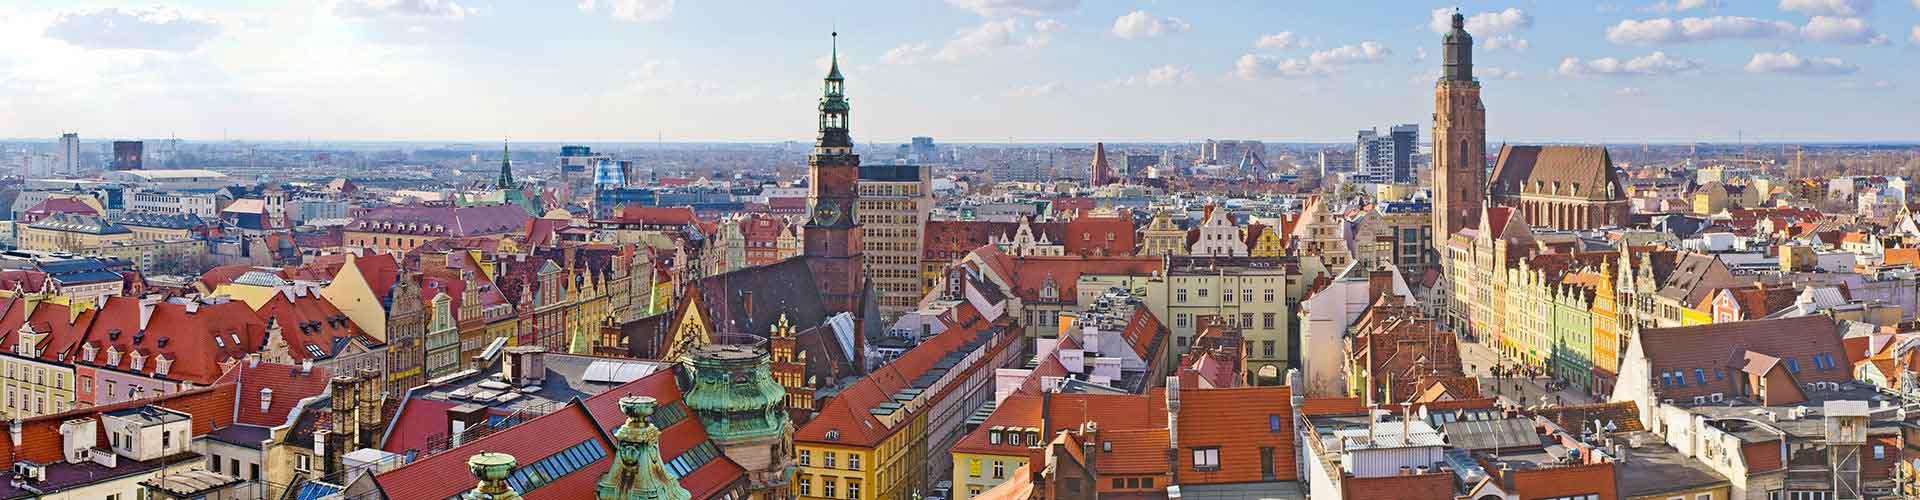 Wroclaw - Apartamentos en Wroclaw. Mapas de Wroclaw, Fotos y comentarios de cada Apartamento en Wroclaw.